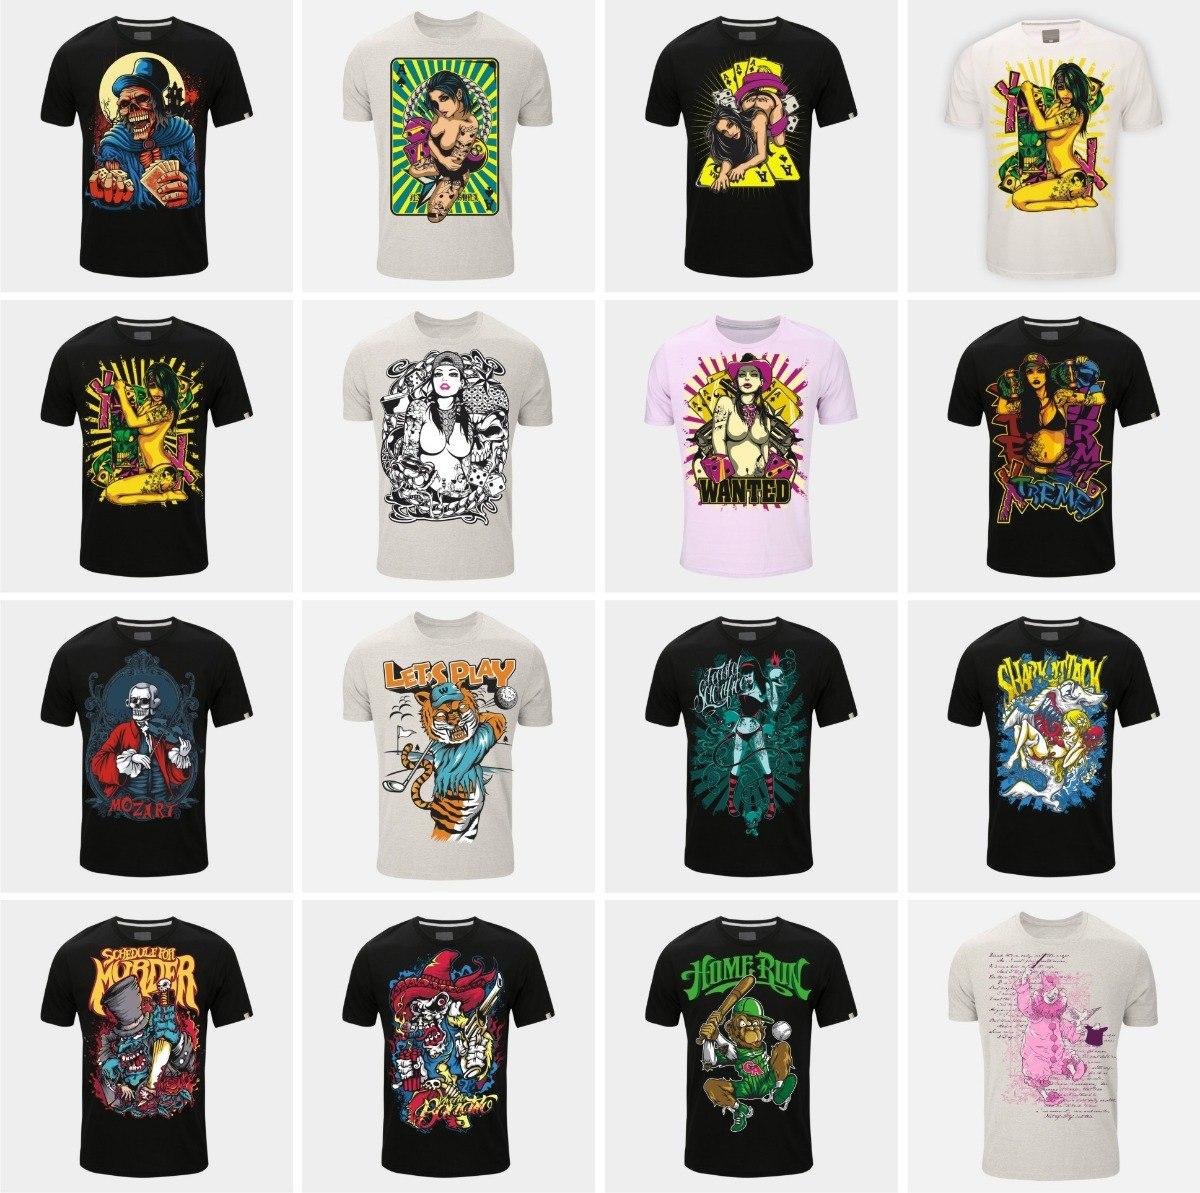 6c95082303ba0 Vectores premium de remeras sublimar serigrafía plotter jpg 1200x1193  Serigrafía plantillas sublimadas camisetas con frases